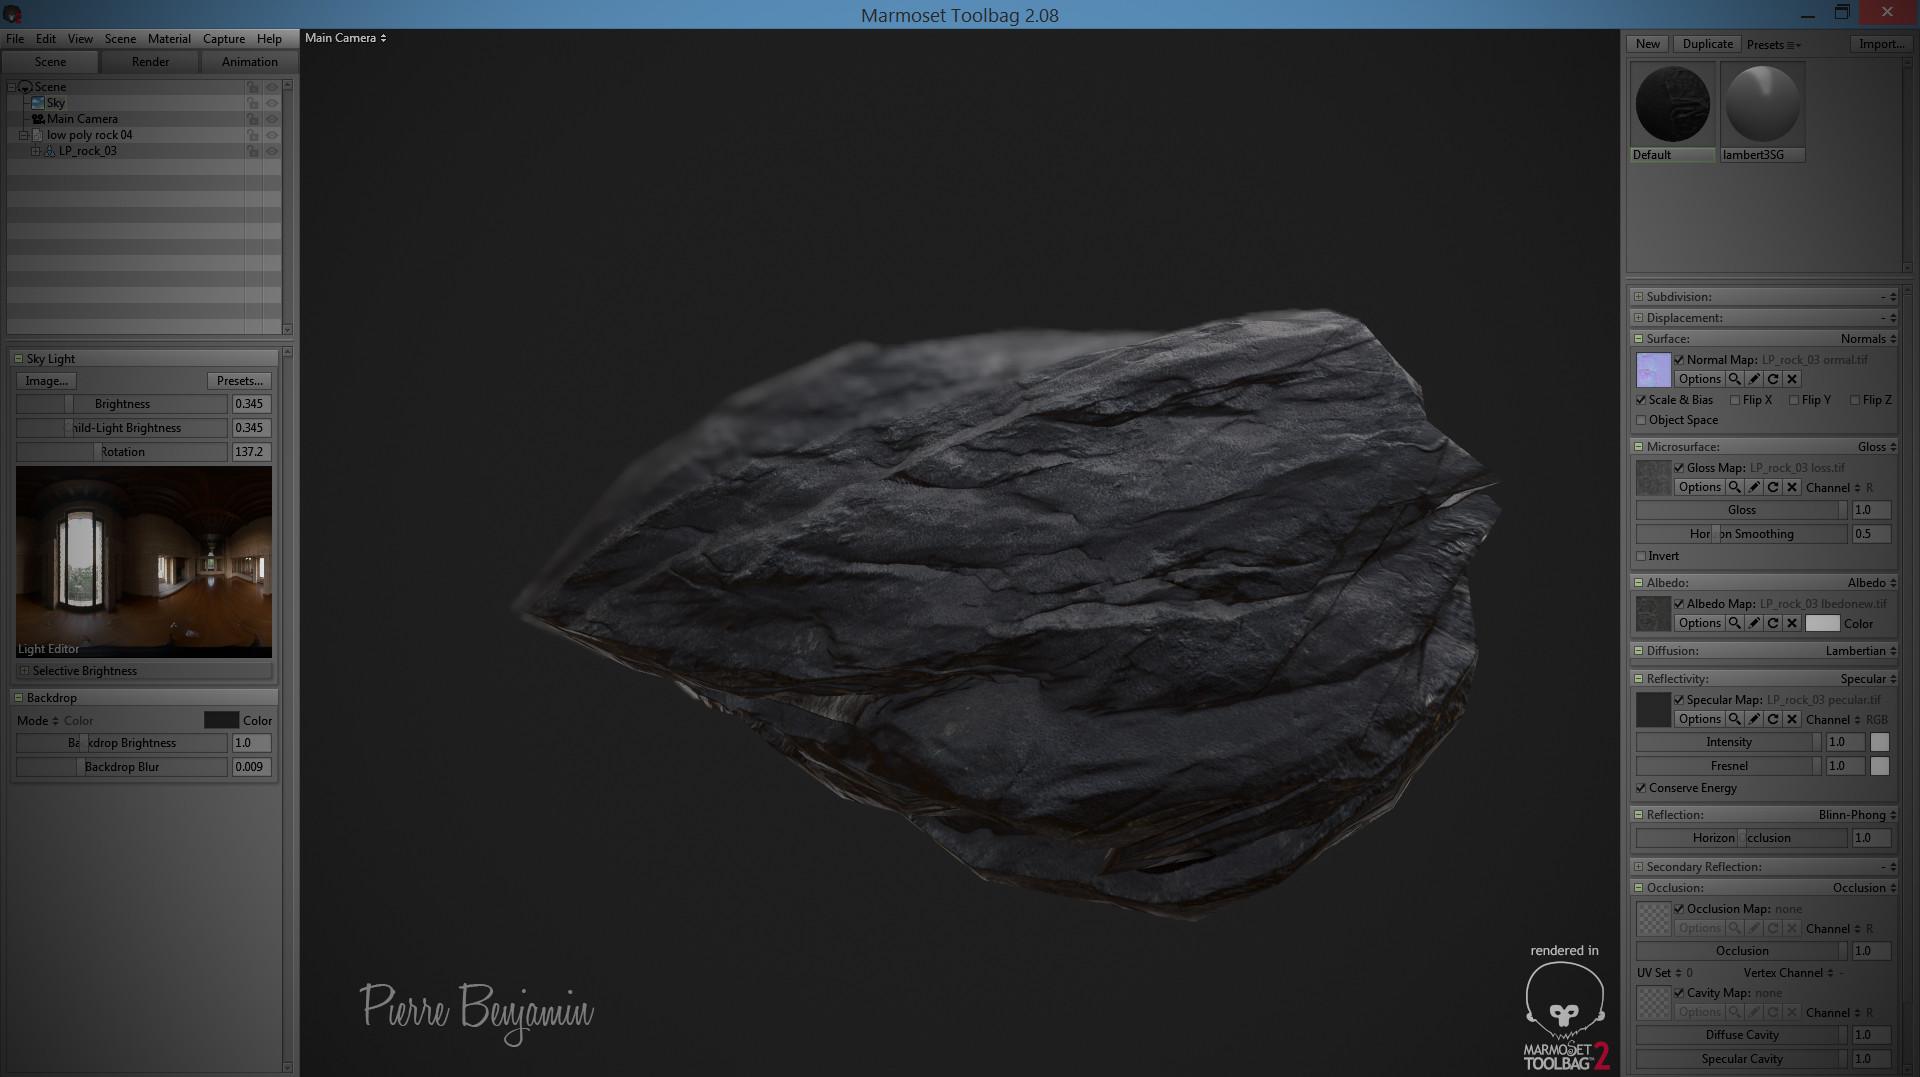 Pierre benjamin rock newer 002